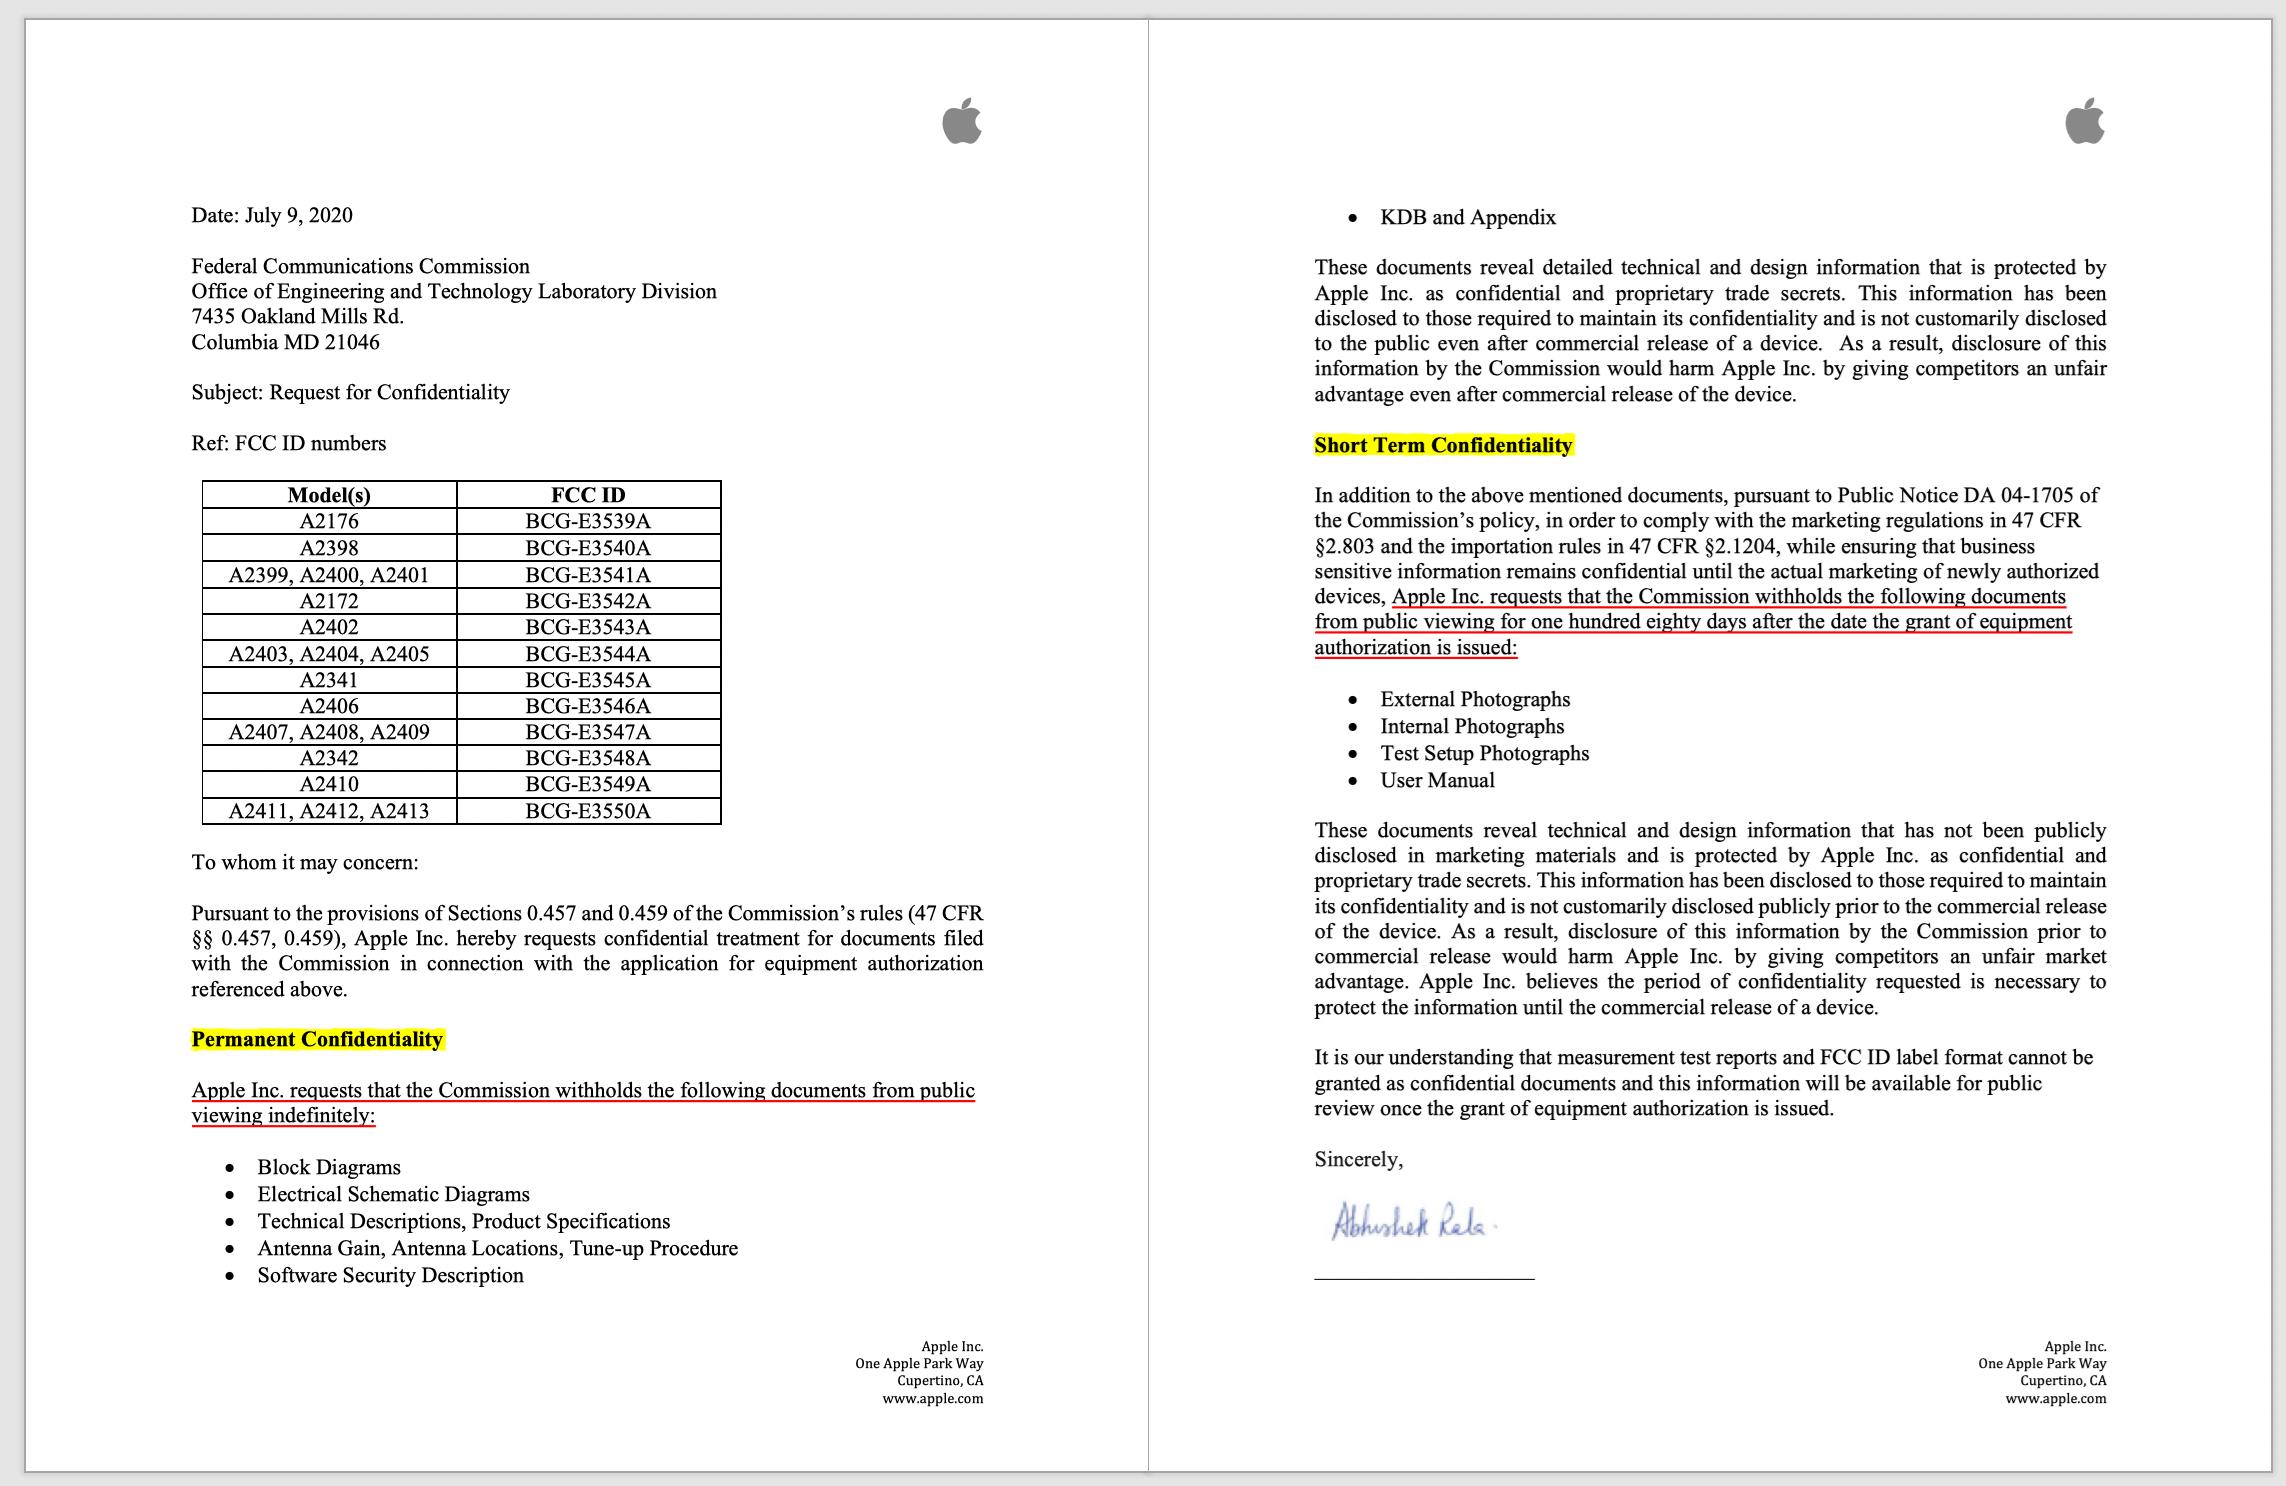 iPhone 12 Pro 的保密申请